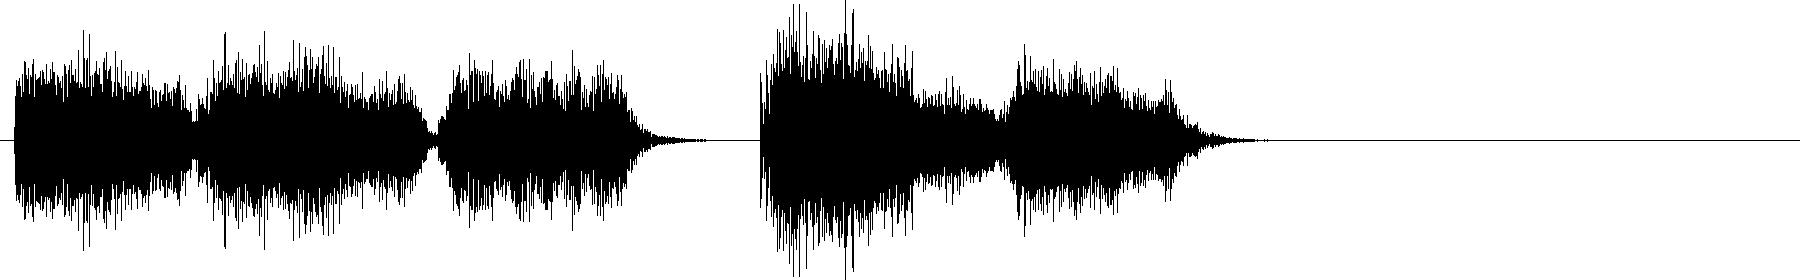 vocal fx   naming electronica genre 130 bpm